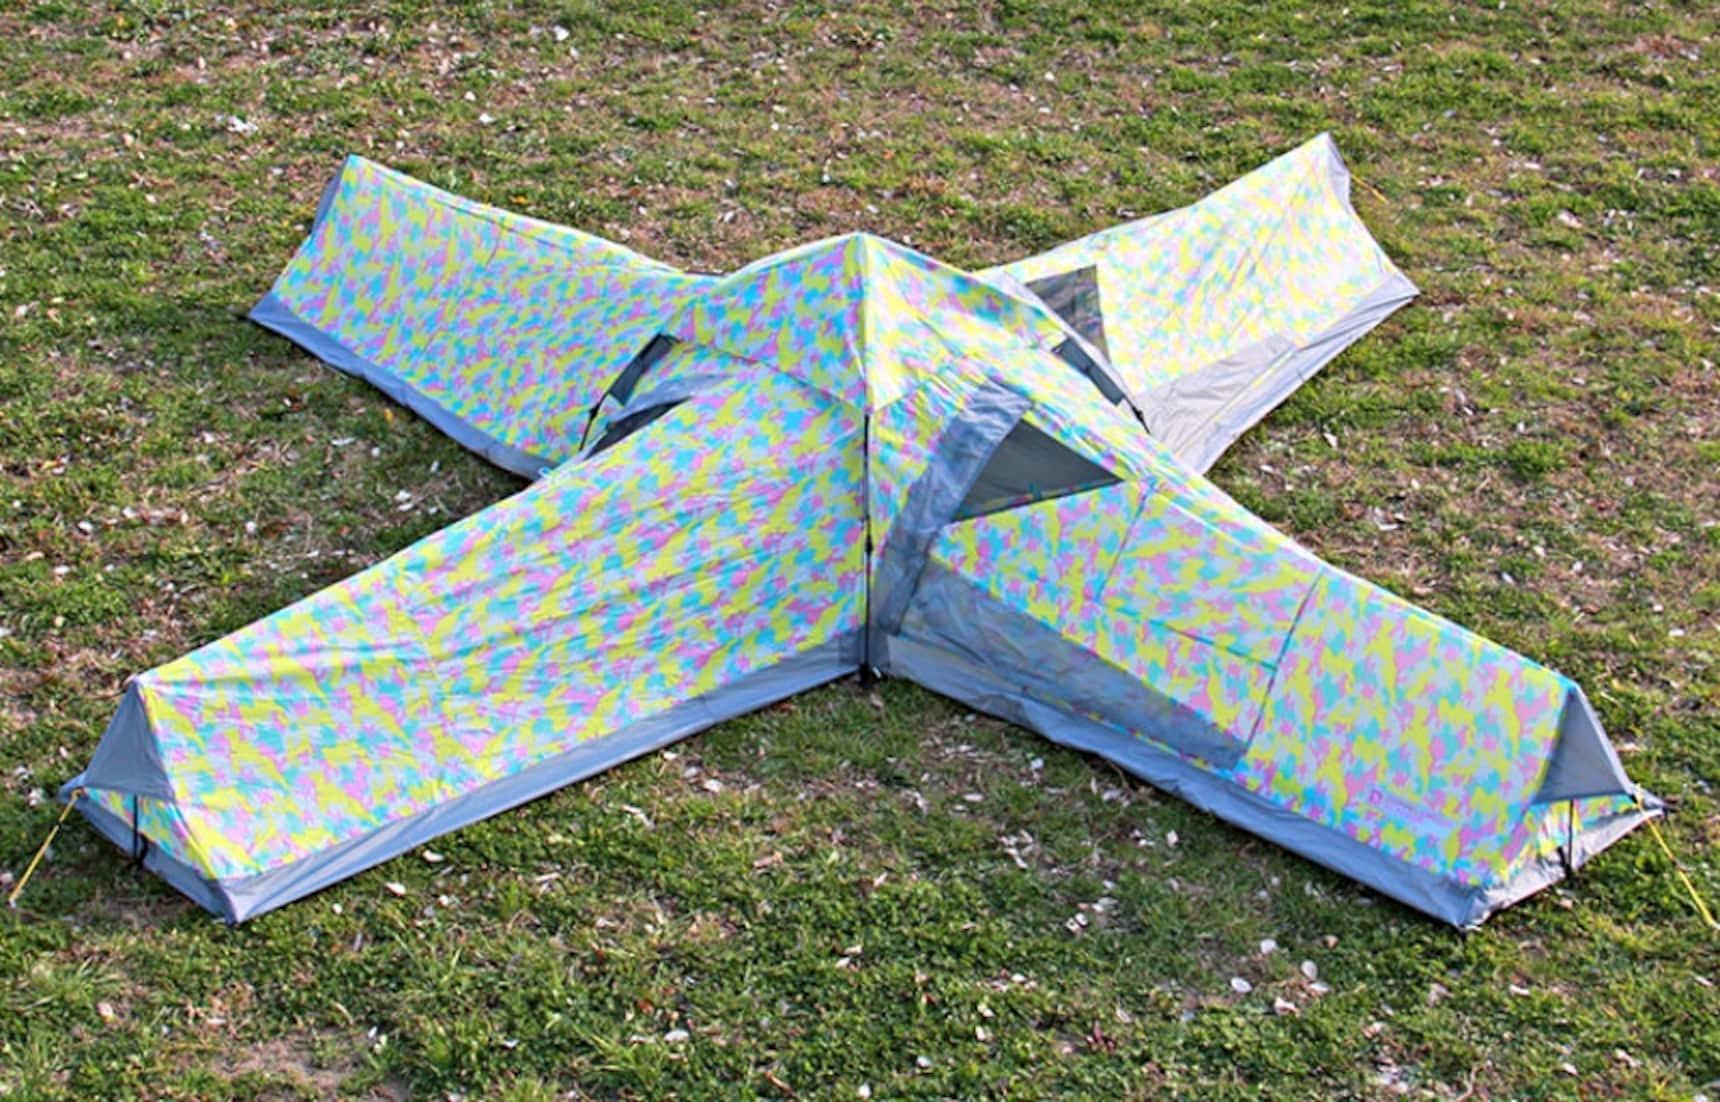 帳篷還可以這樣搭?組團去野營咯!